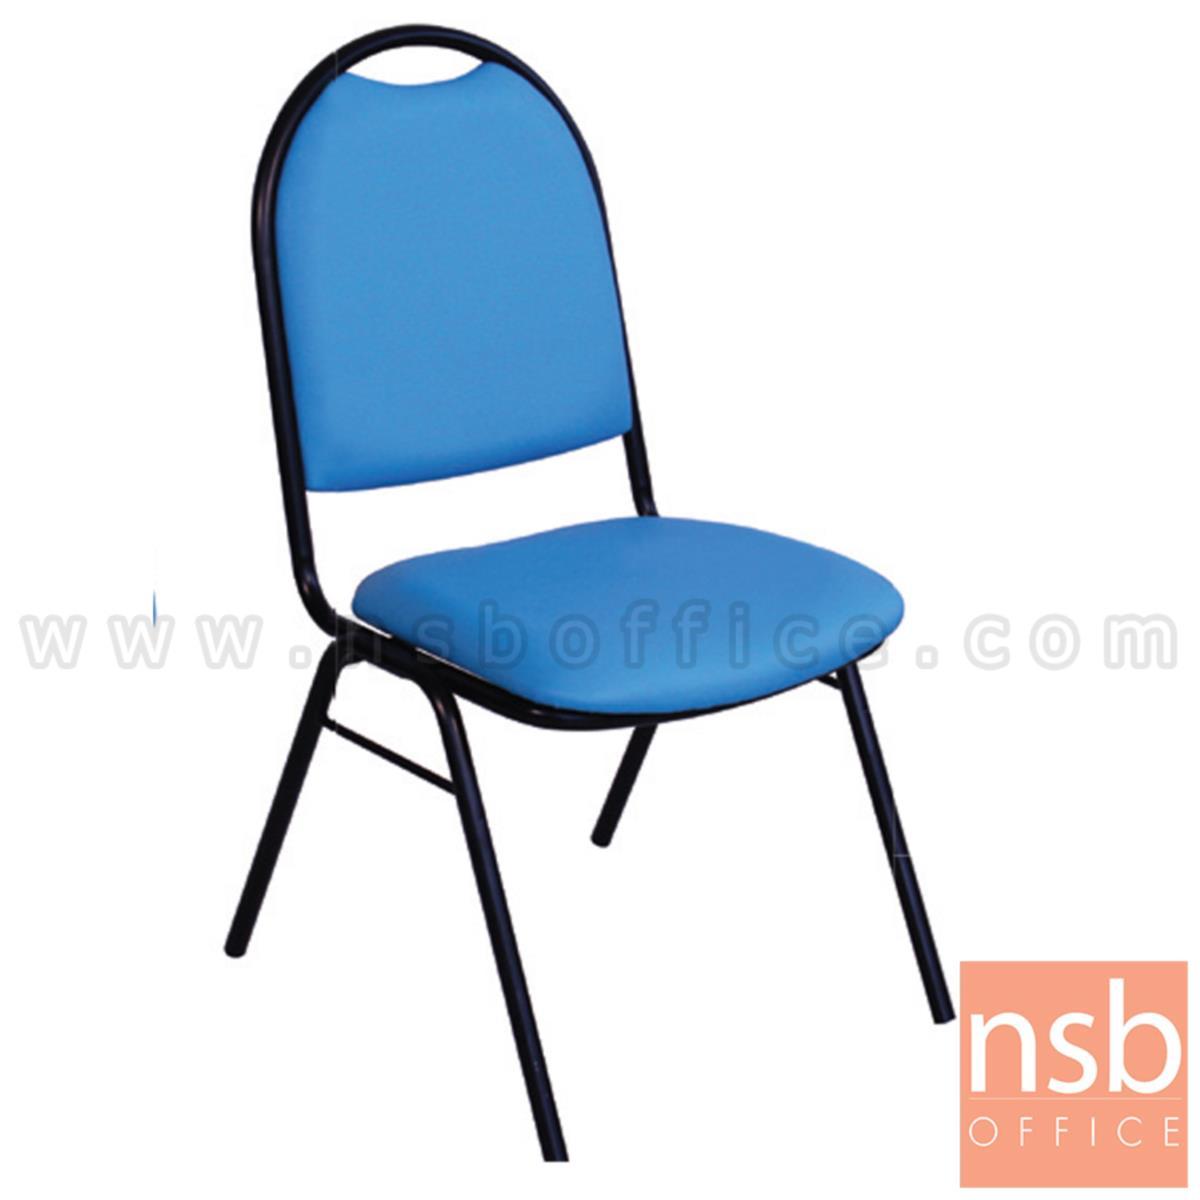 B08A085:เก้าอี้อเนกประสงค์จัดเลี้ยง รุ่น Barzaar (บาร์ซาร์) ขนาด 90H cm. ขาเหล็ก